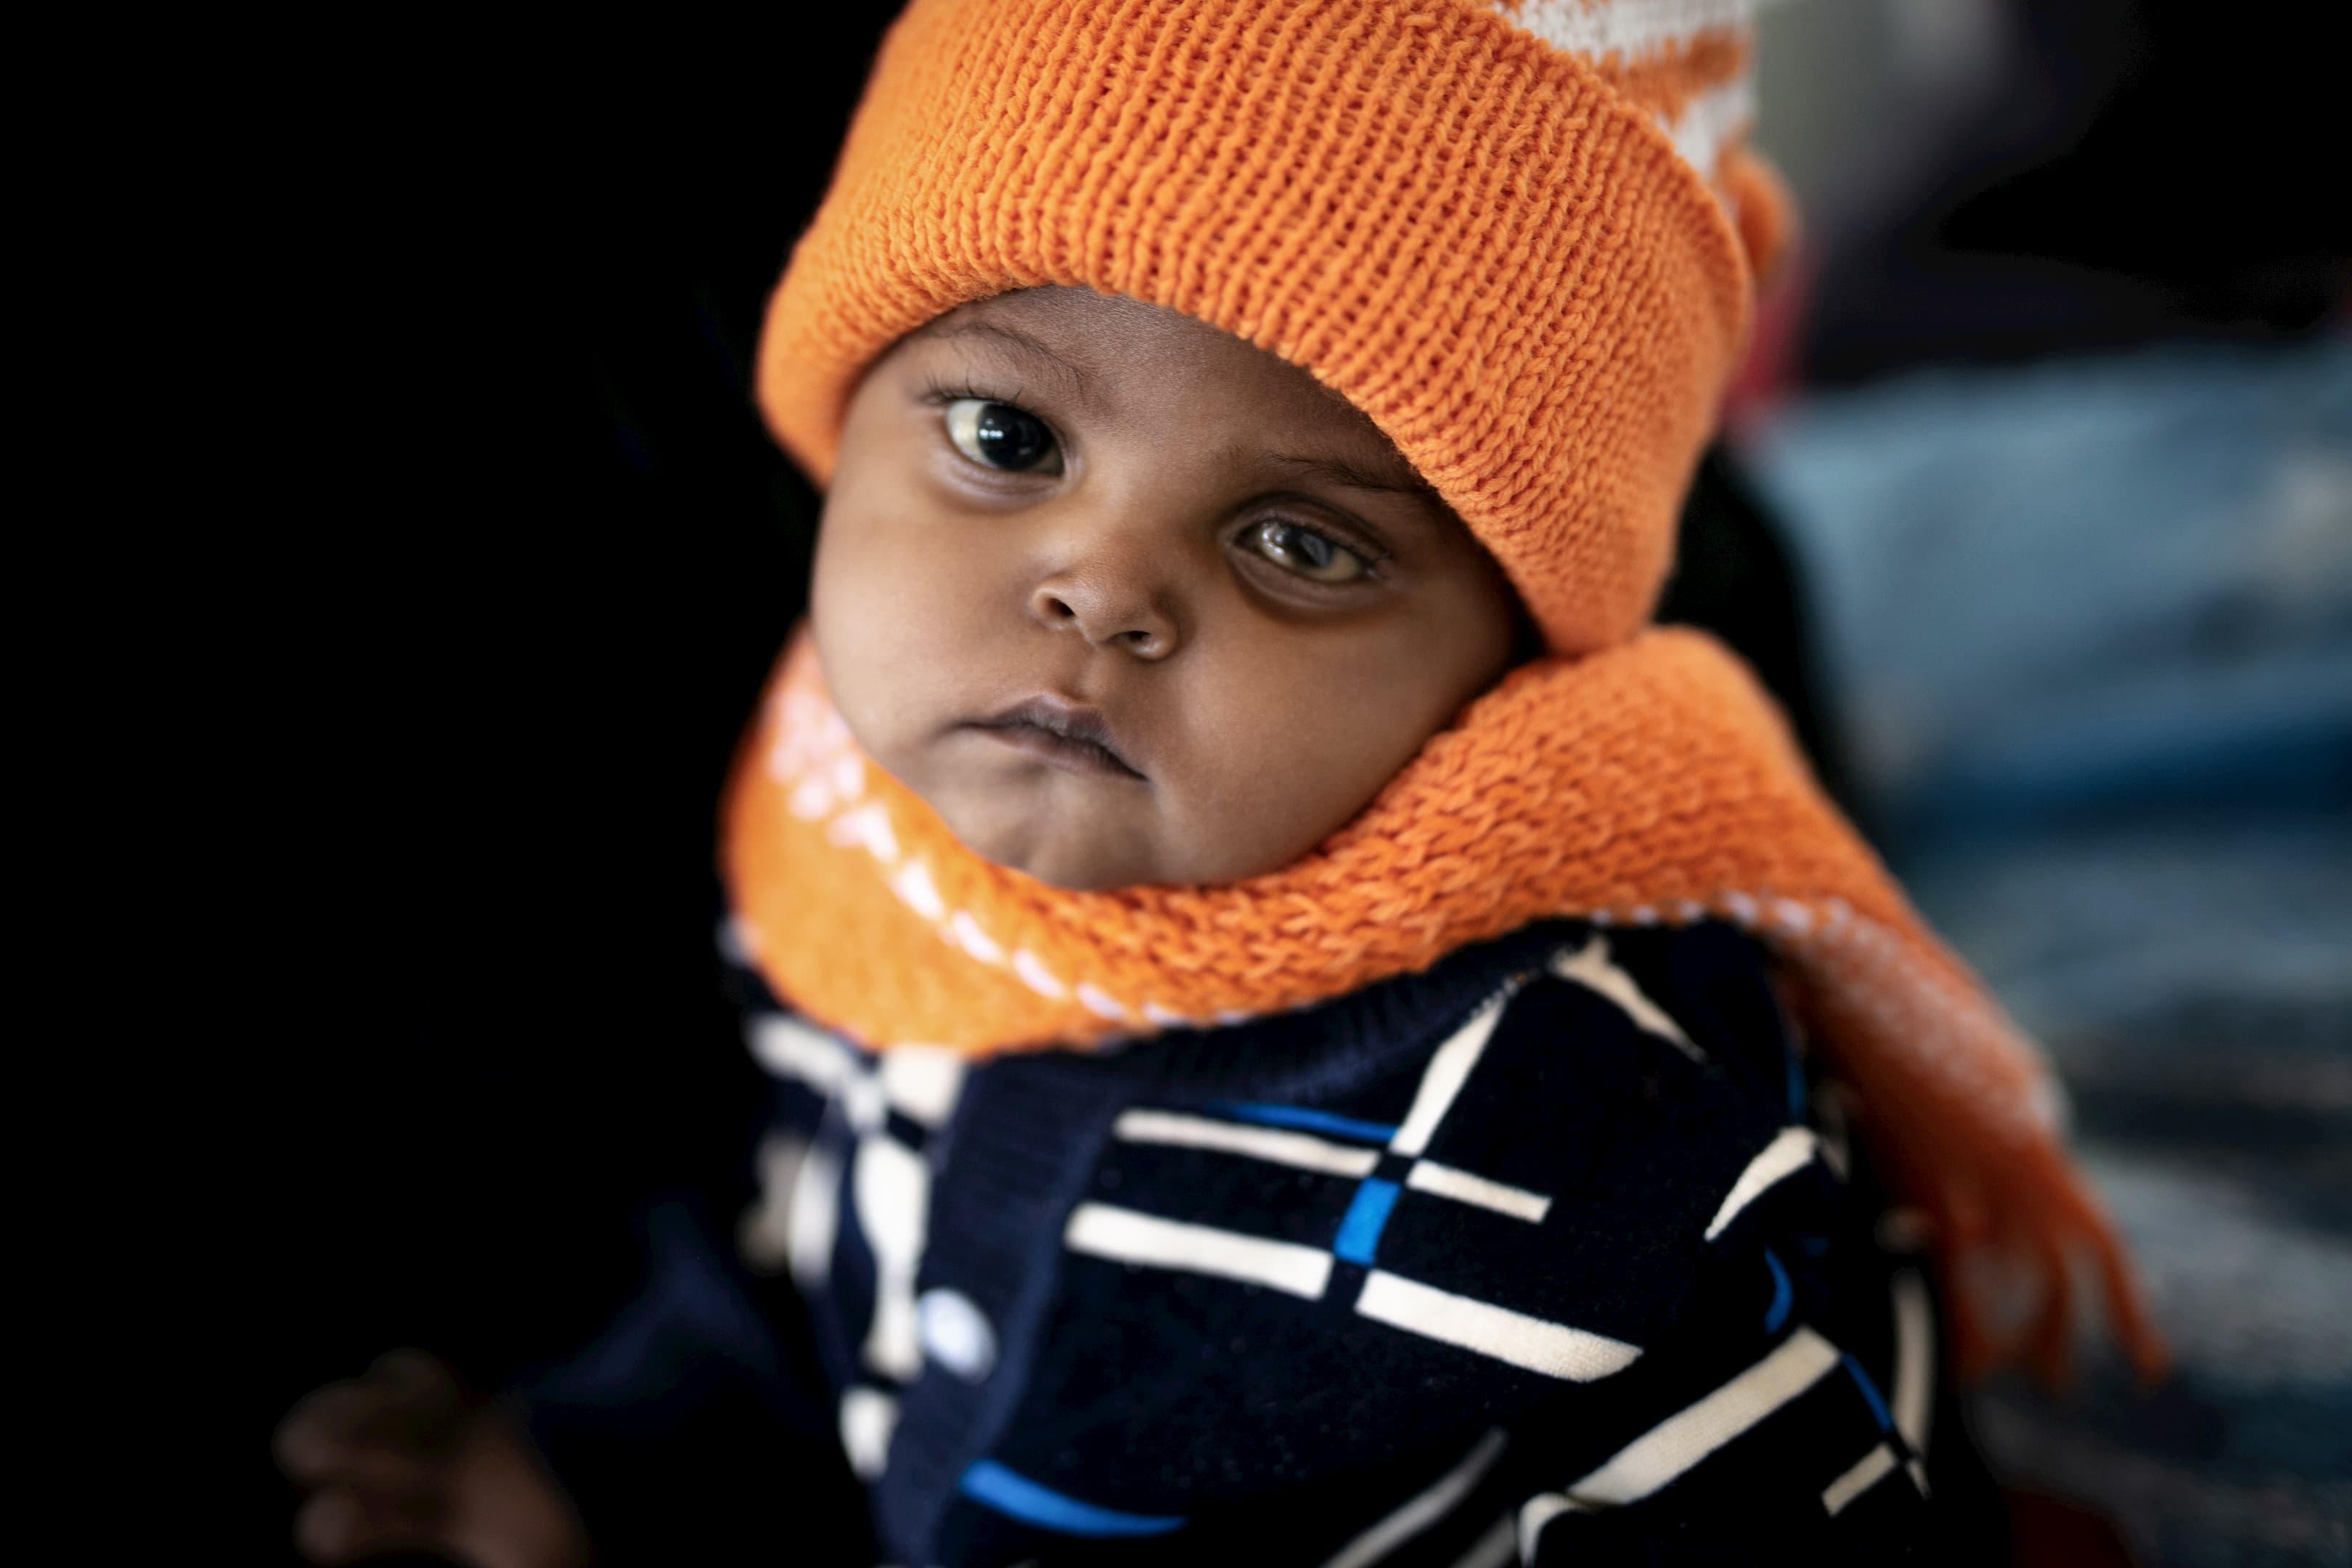 Yemen © UNICEF/UNI312533/Alghabri